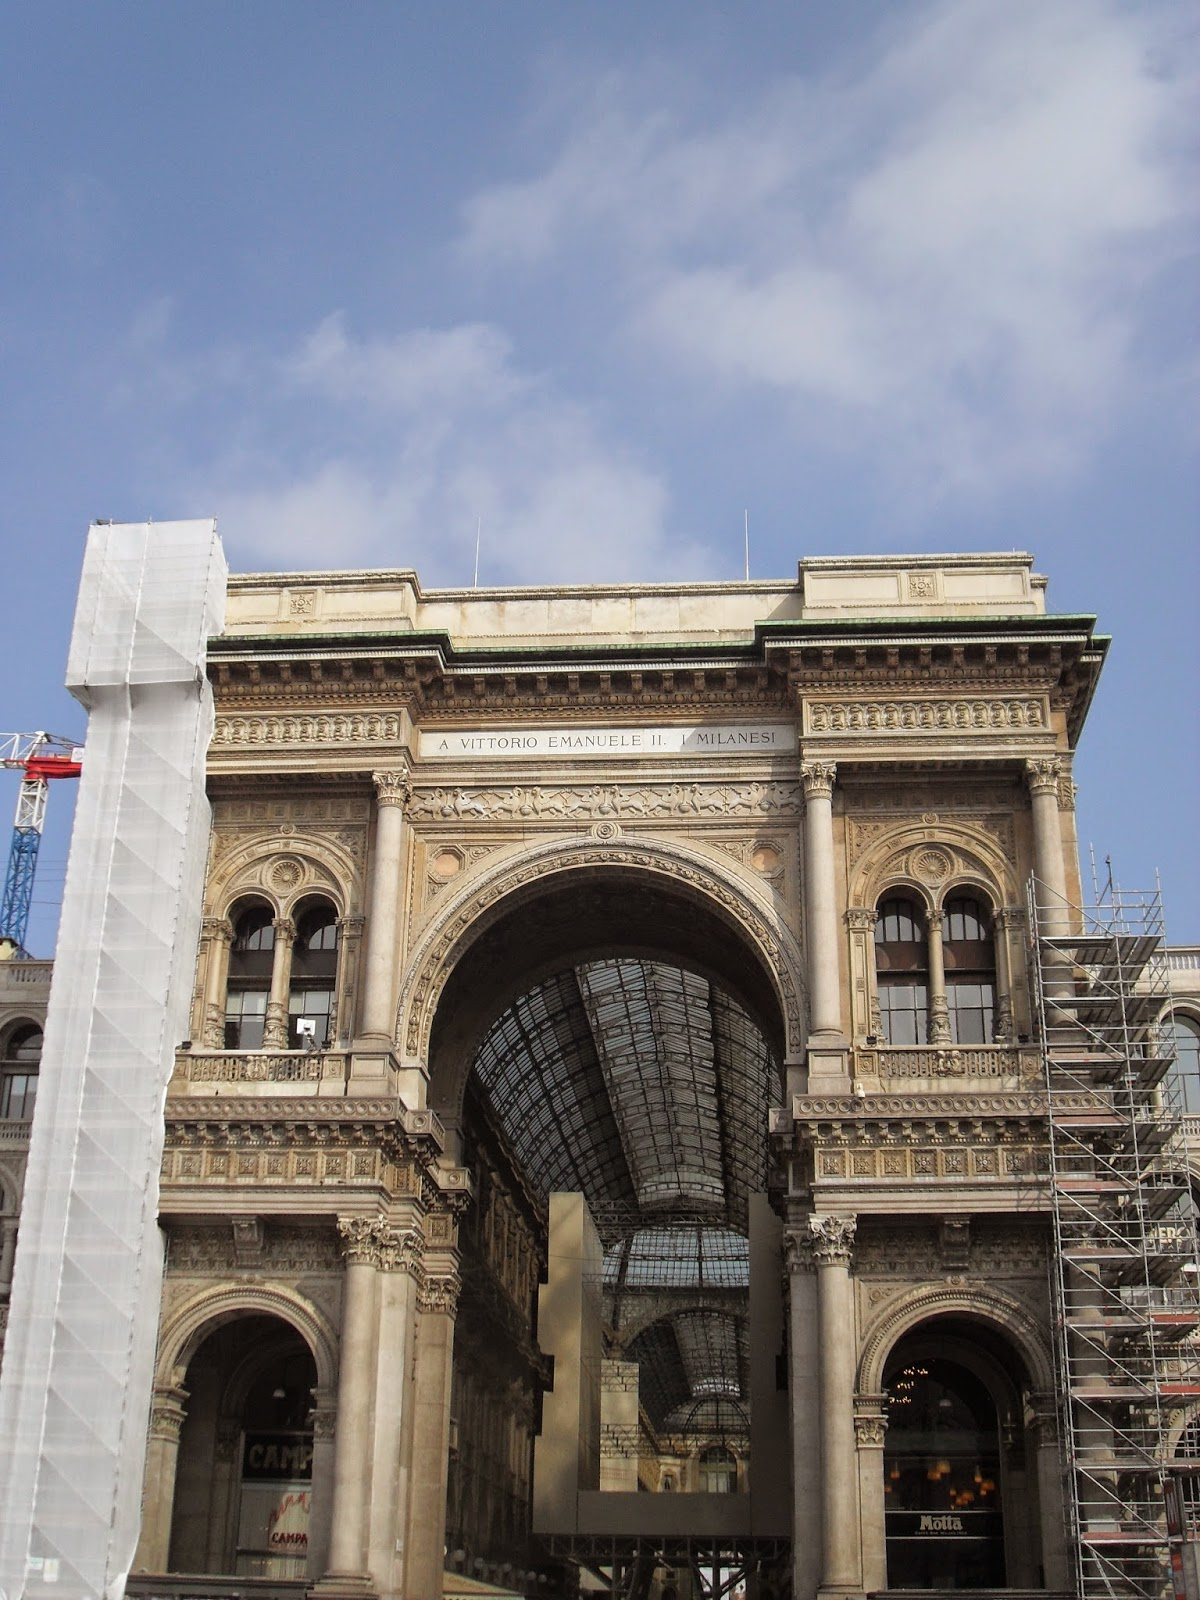 Galeria Vittorio Emmanuele II